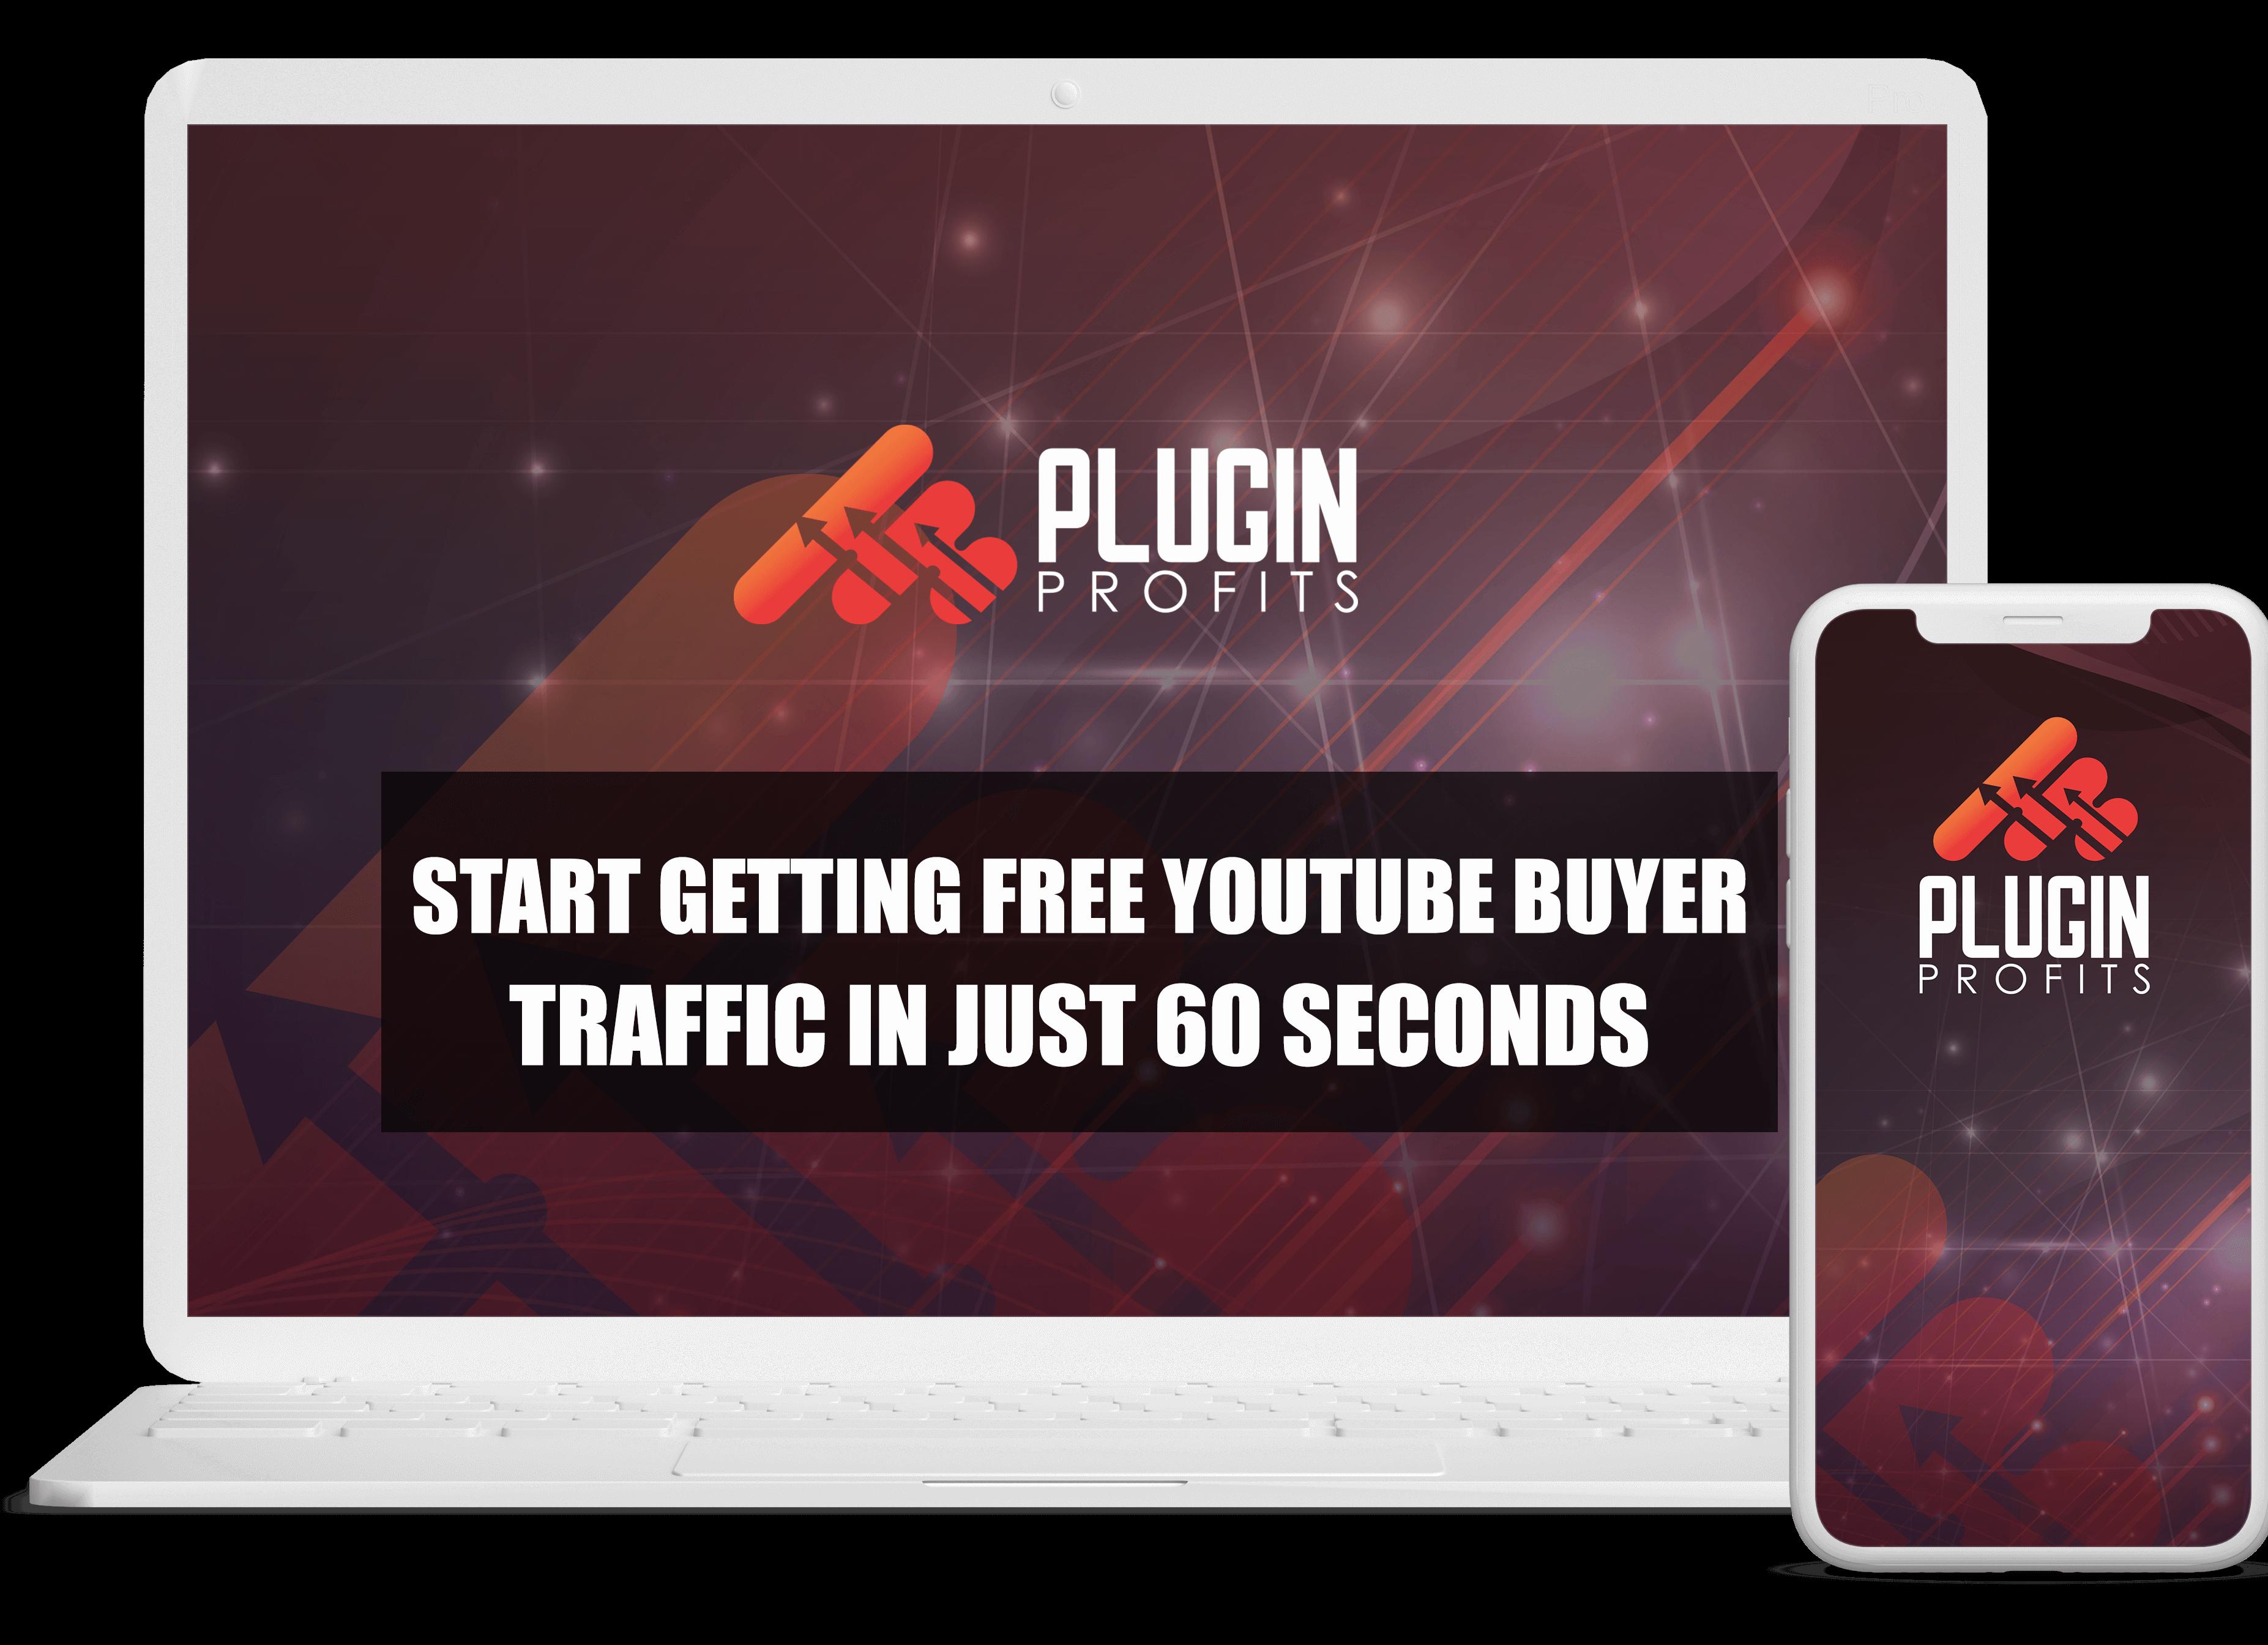 Plugin-Profits-feature-5